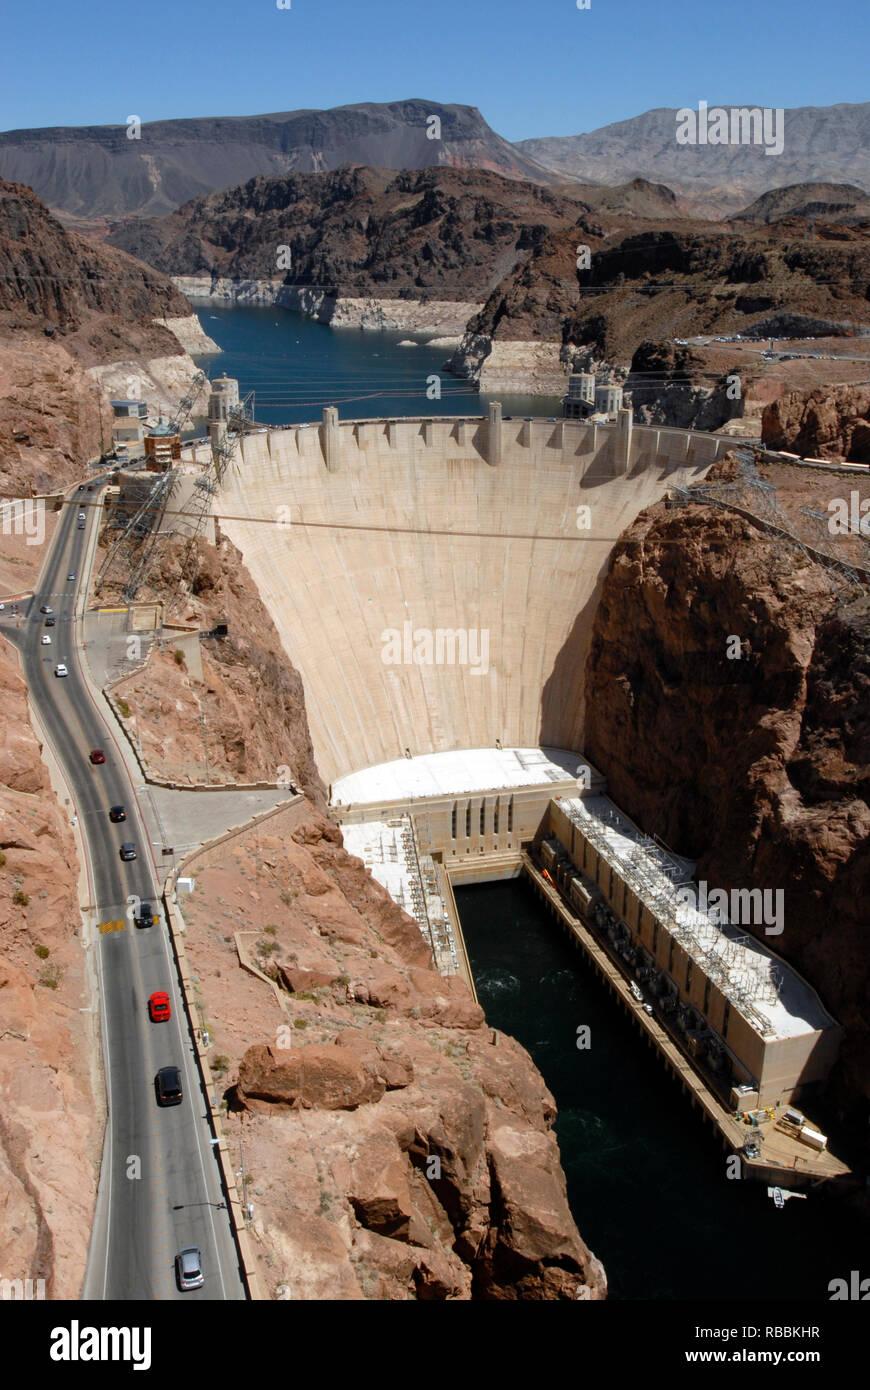 Vertical image montrant le Barrage Hoover et une partie du lac Mead, à la frontière Arizona-Nevada. Le monument de génie civil a été consacrée en 1935. Banque D'Images